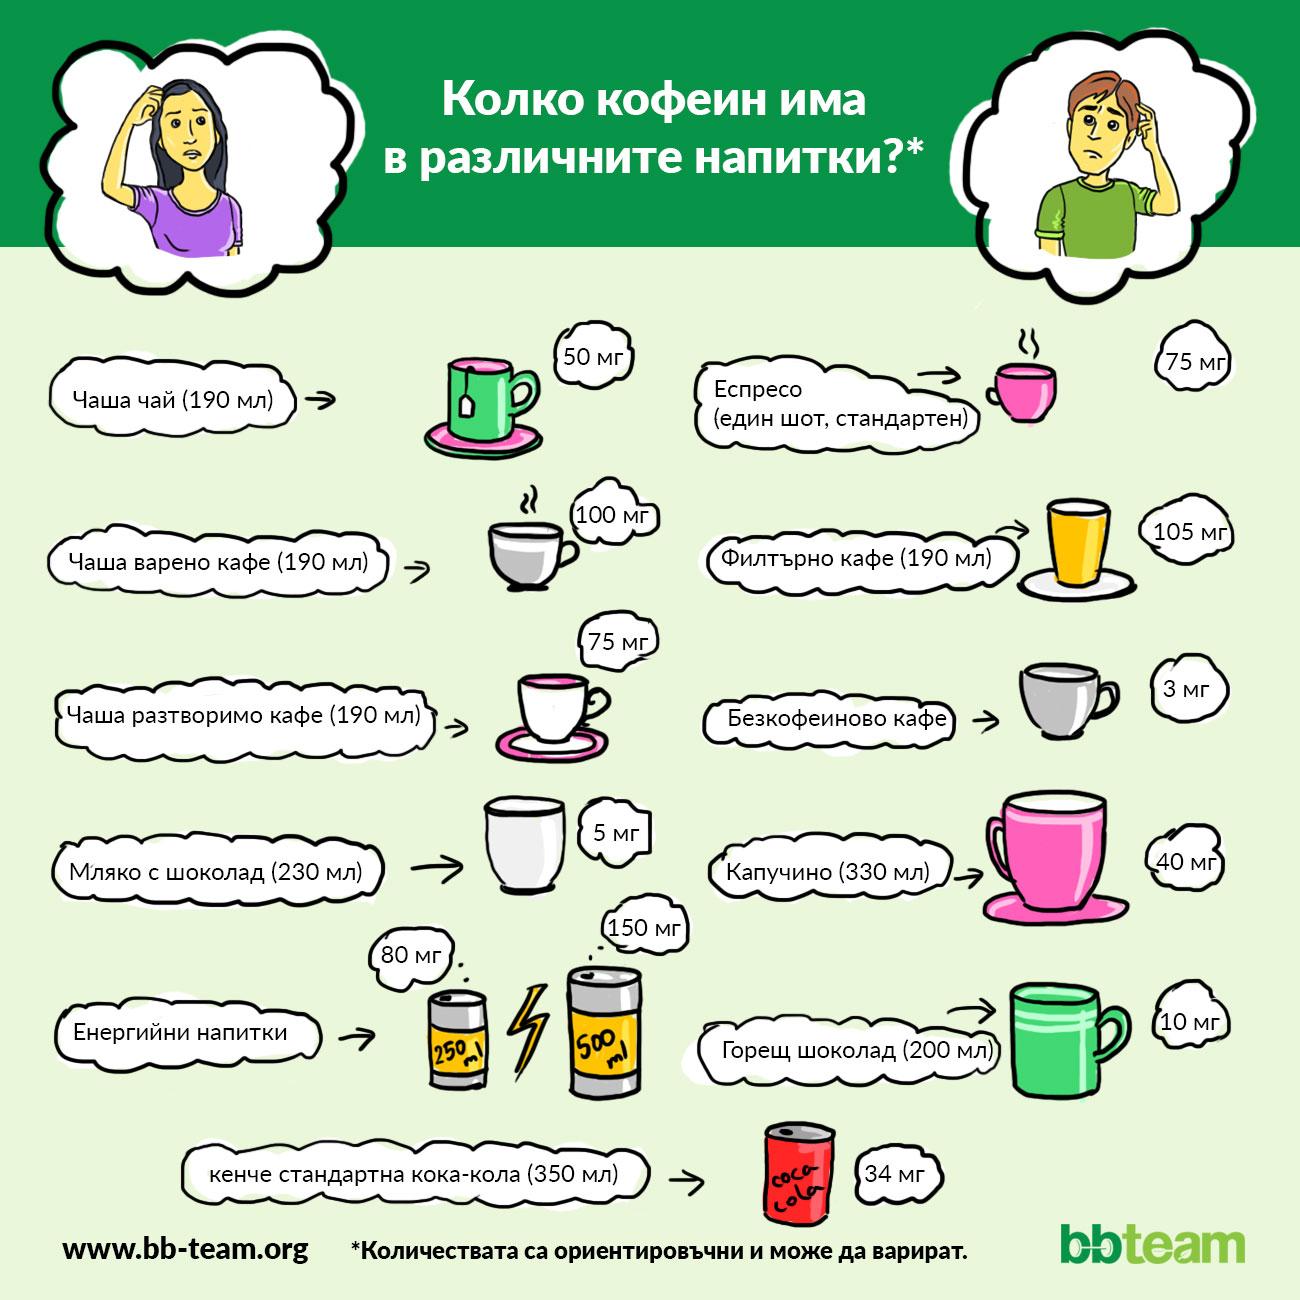 Колко кофеин има в различните напитки? [инфографика]